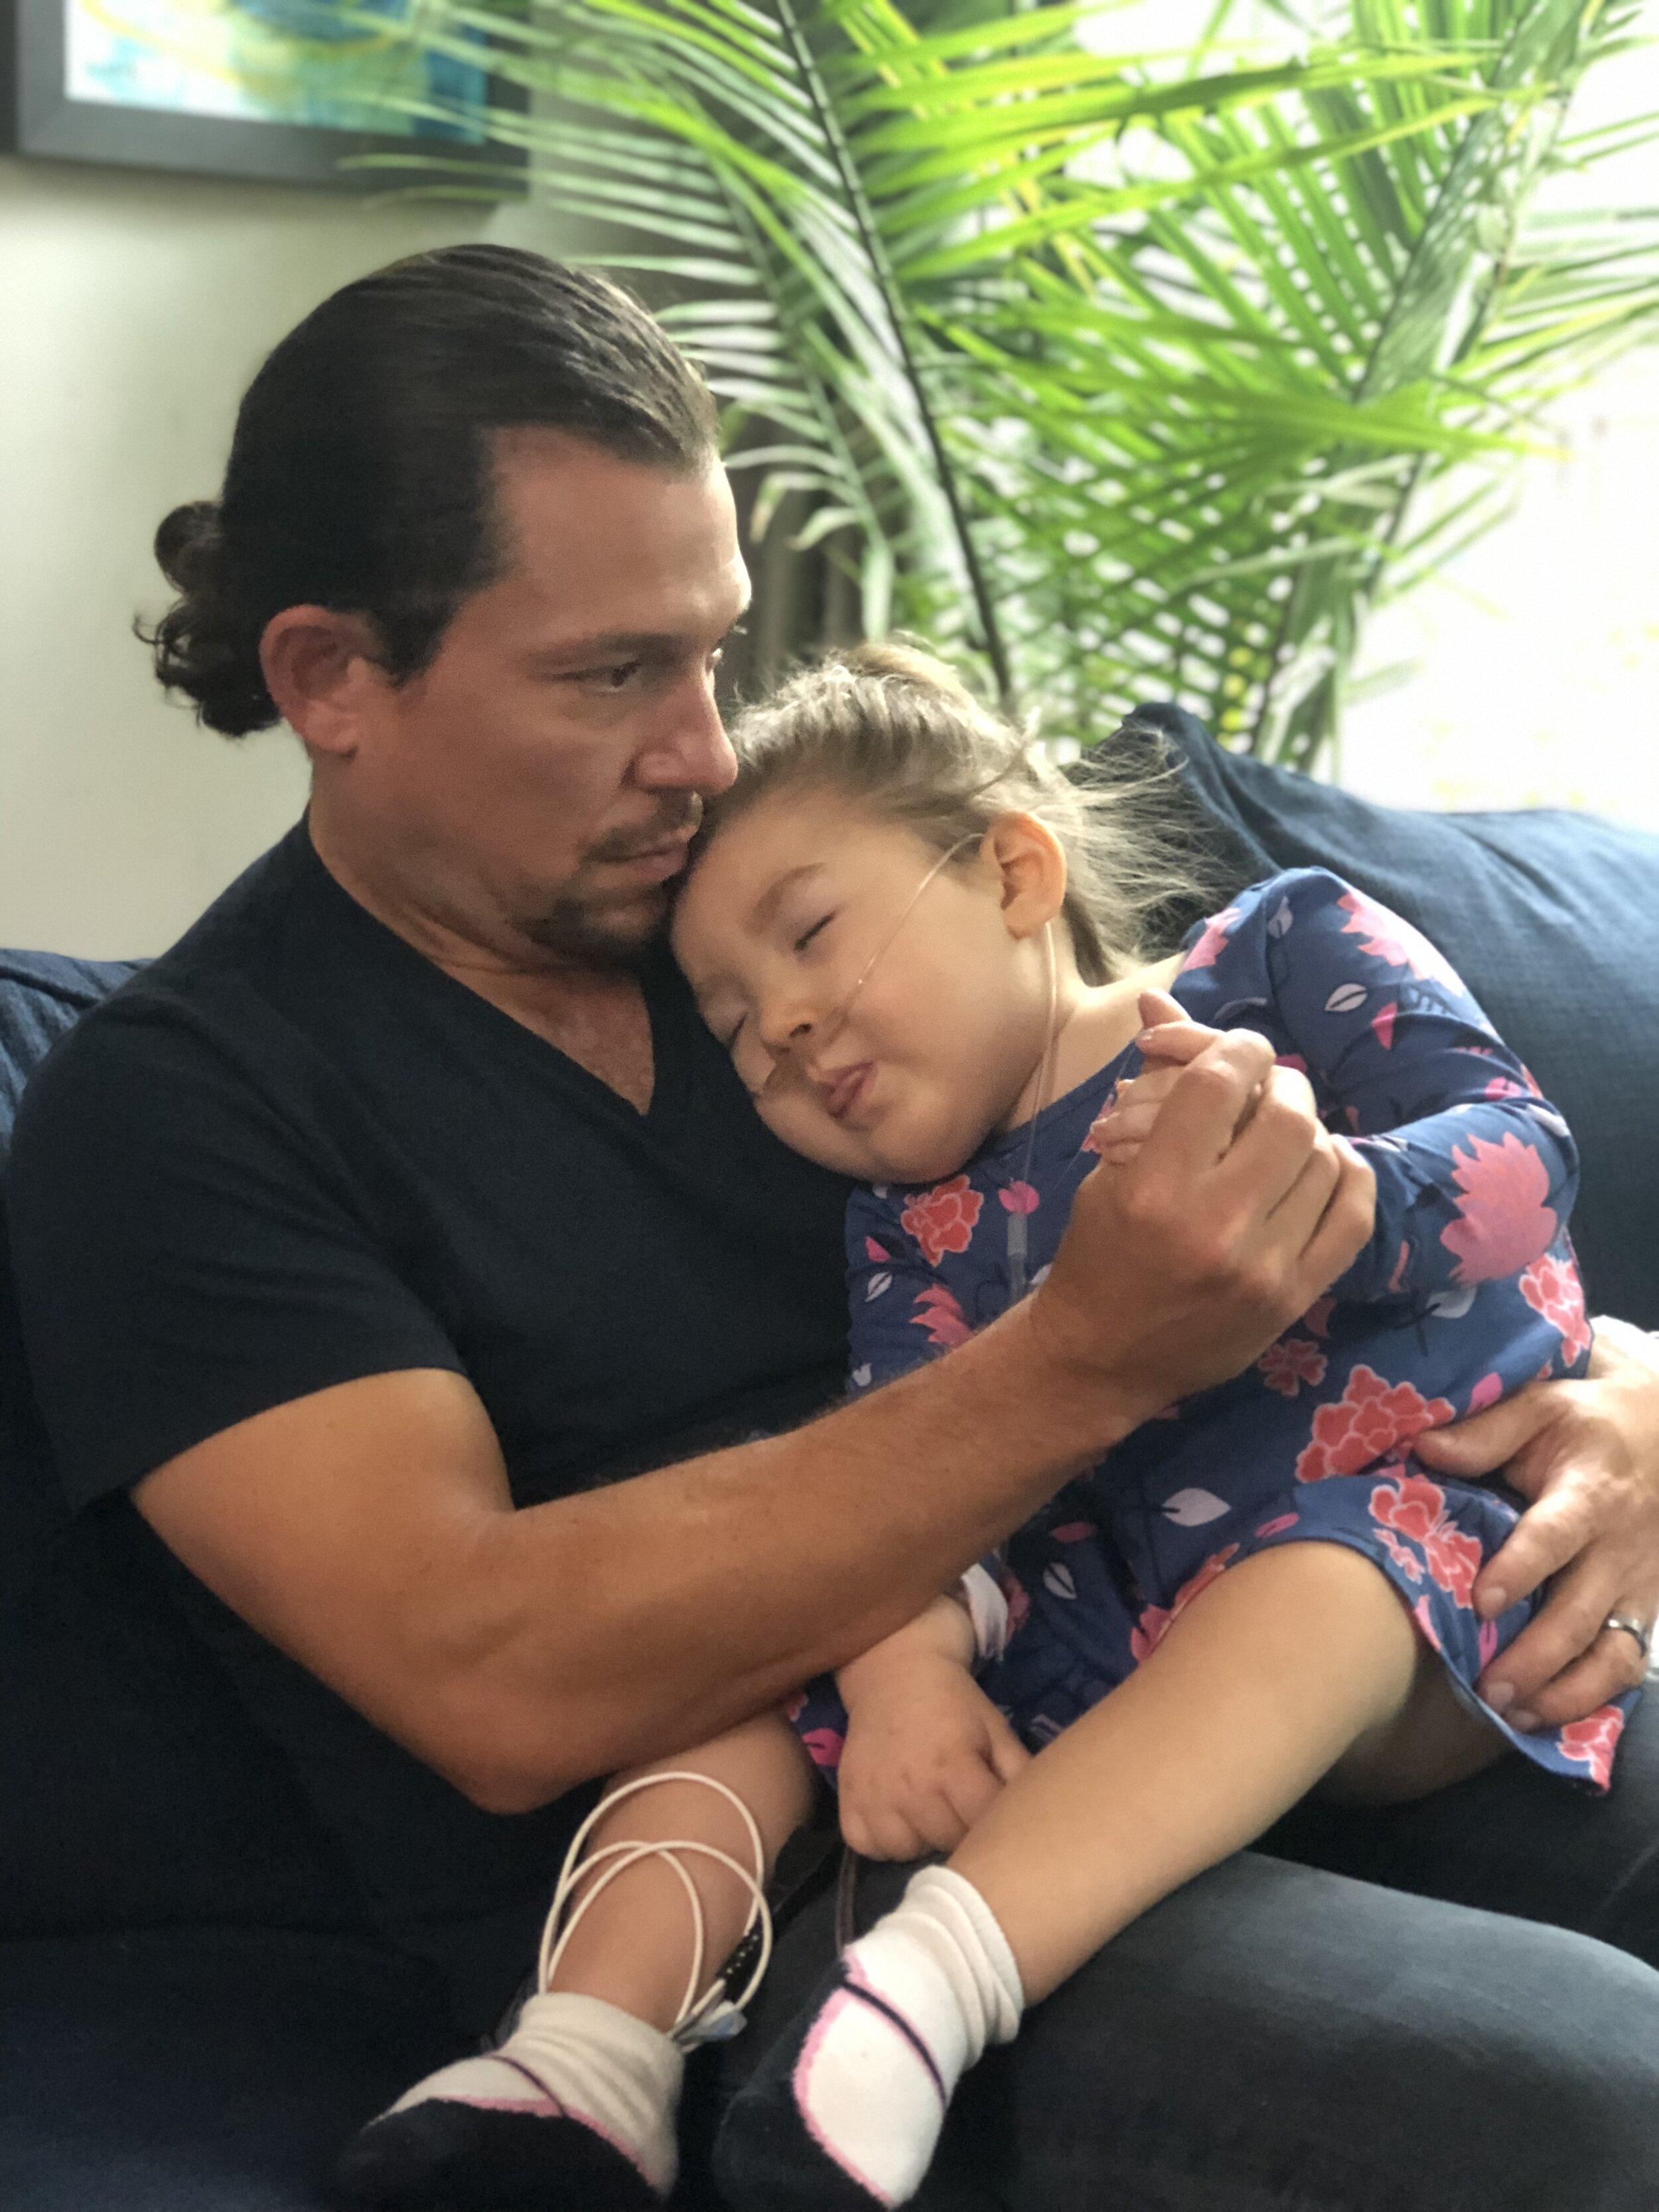 Post seizure snuggles, September 2019